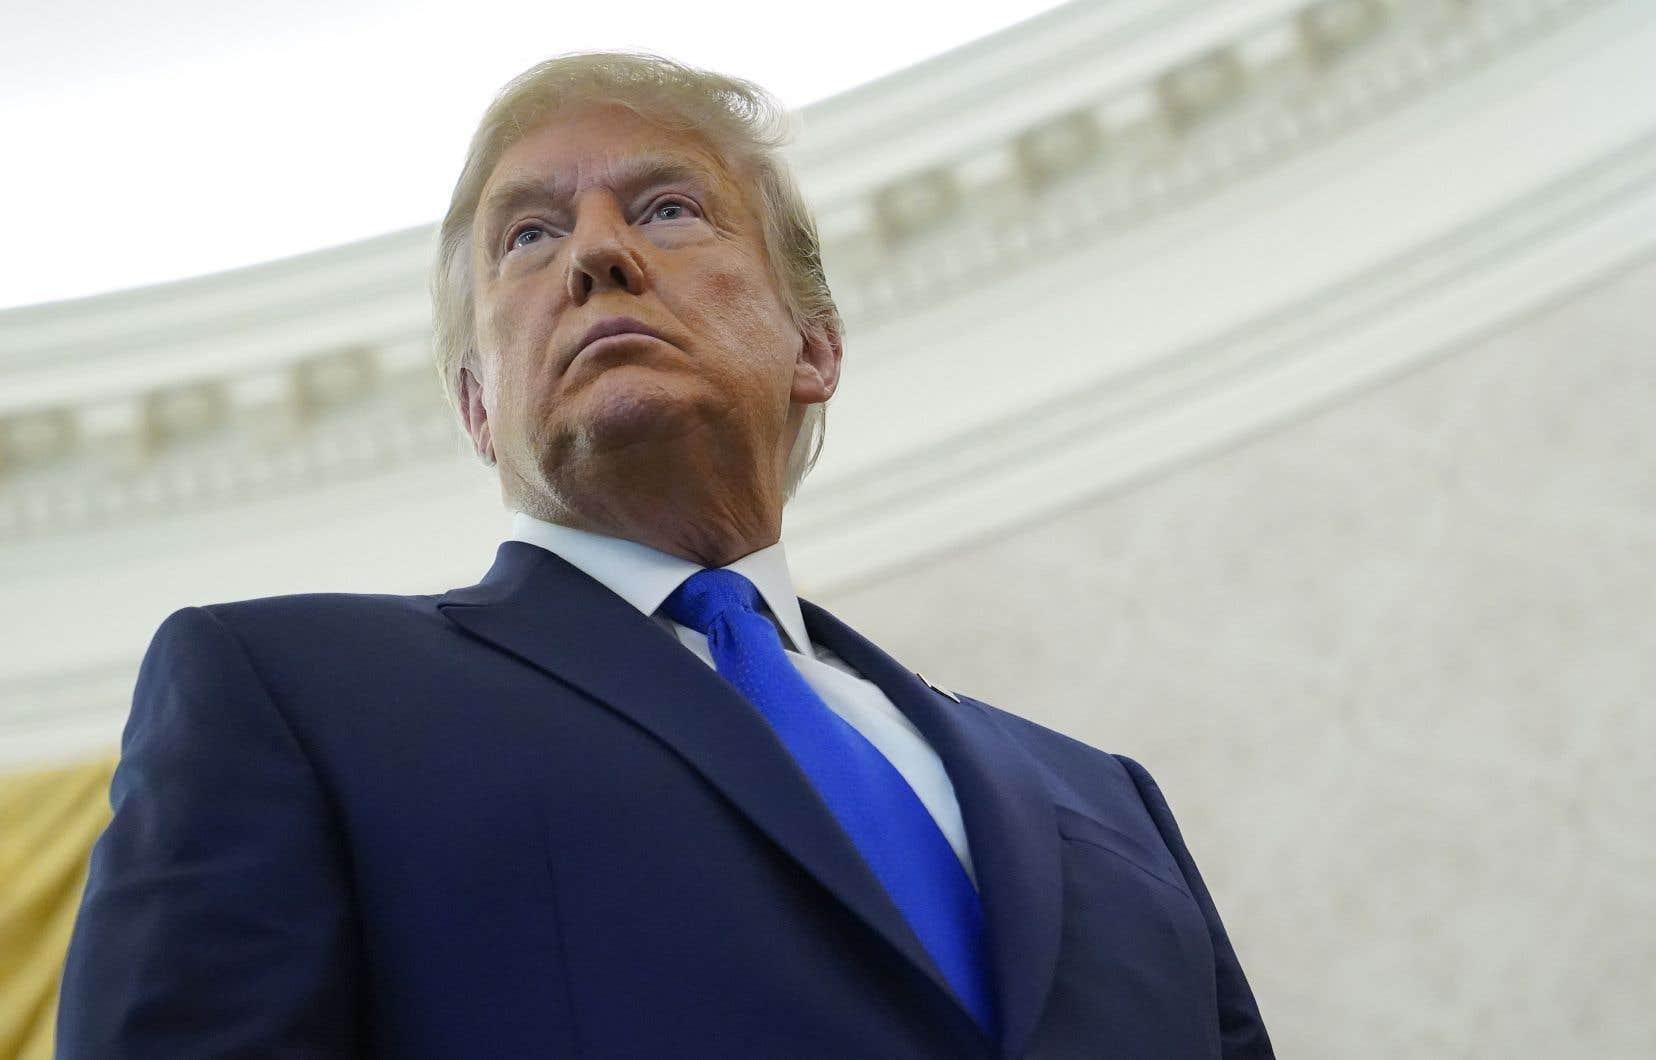 S'il est inculpé, Trump sera le permier président ayant été inculpé dans une affaire pénale aux États-Unis.